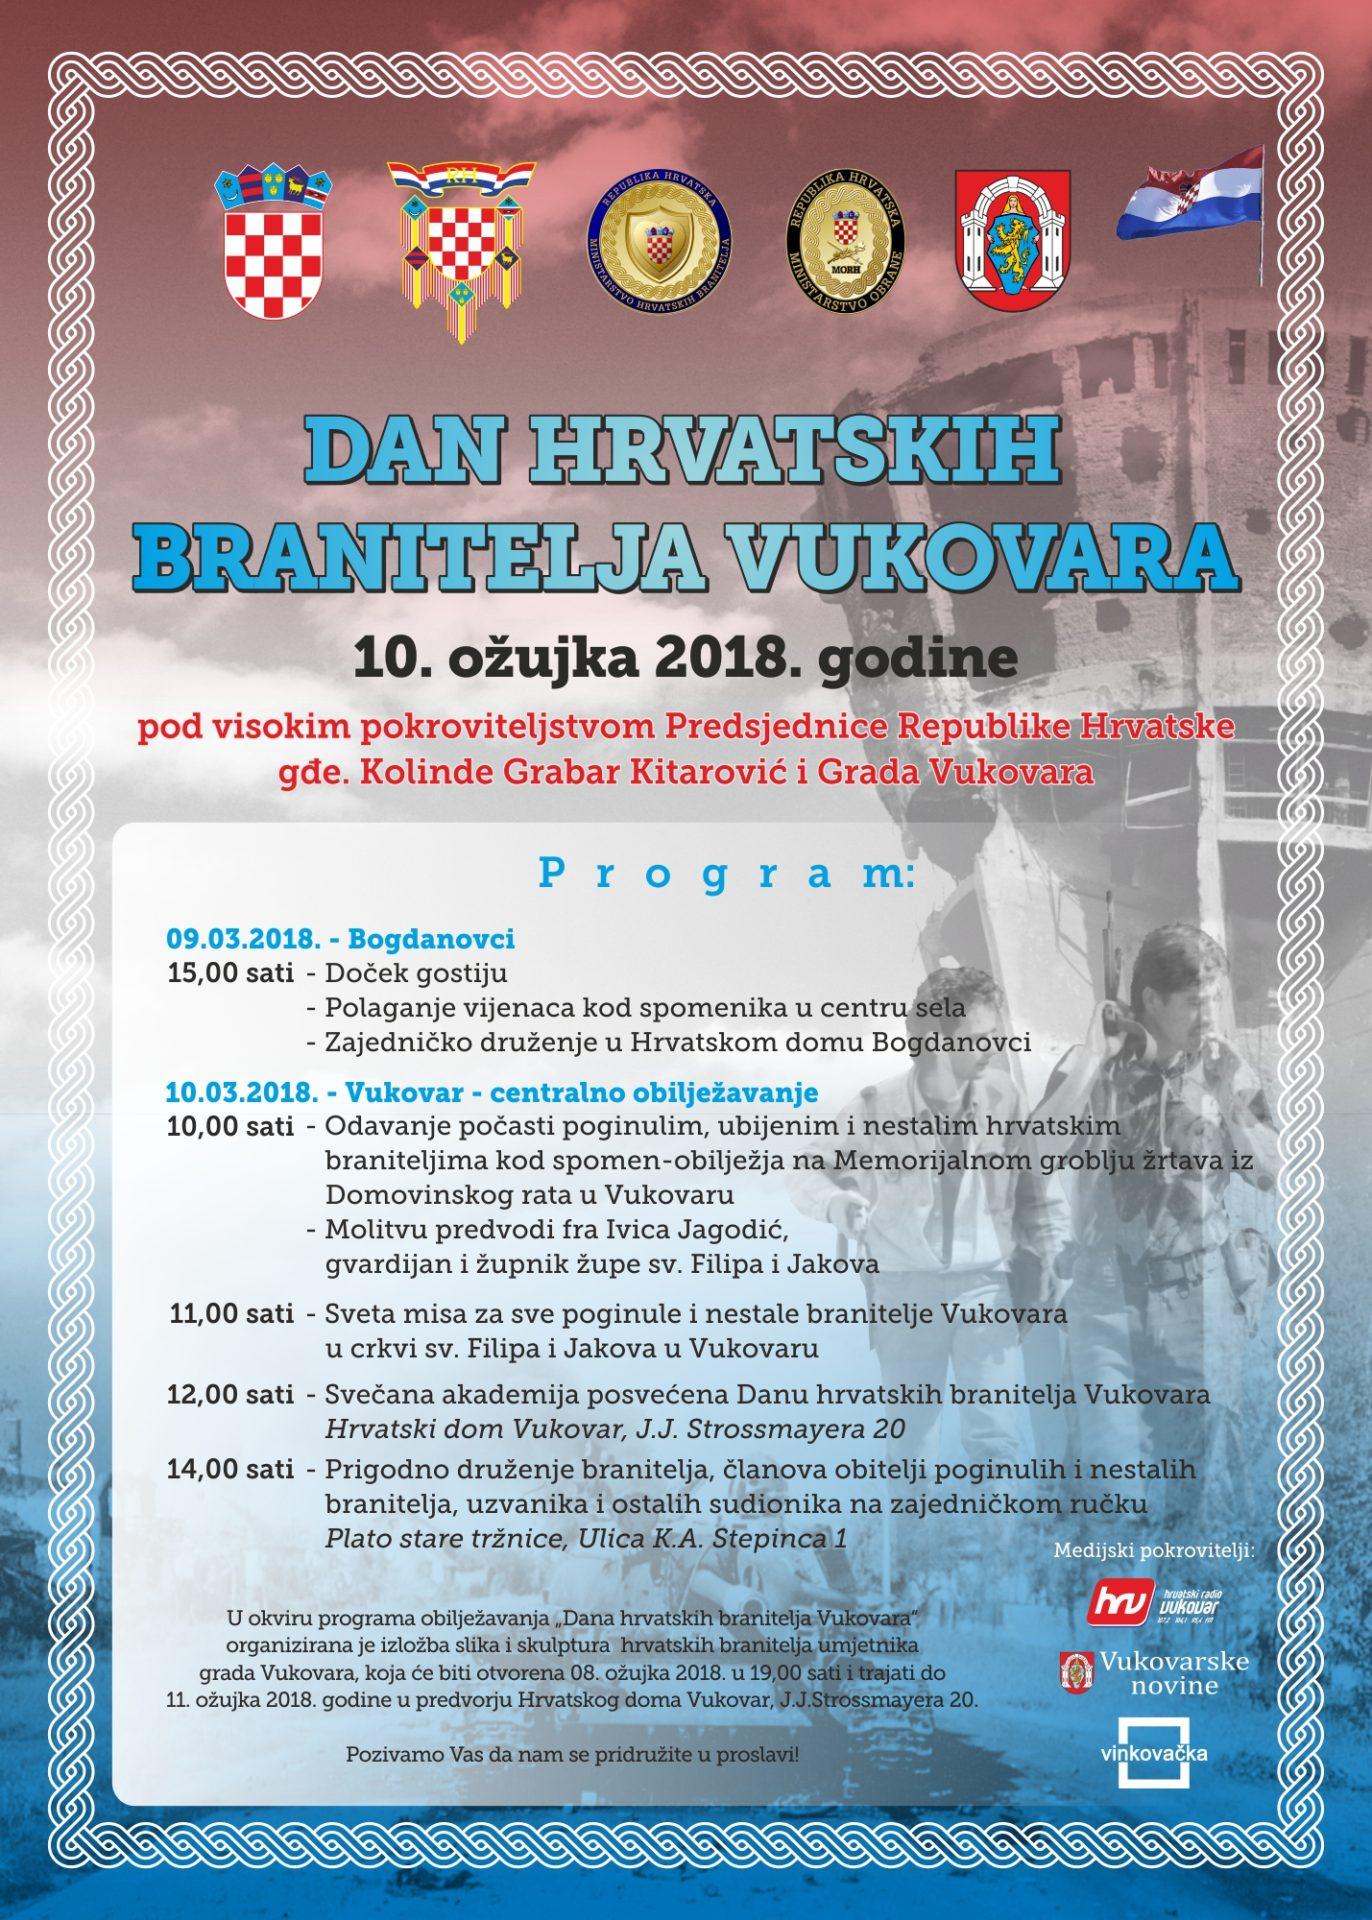 Dan hrvatskih branitelja Vukovara 2018. godine